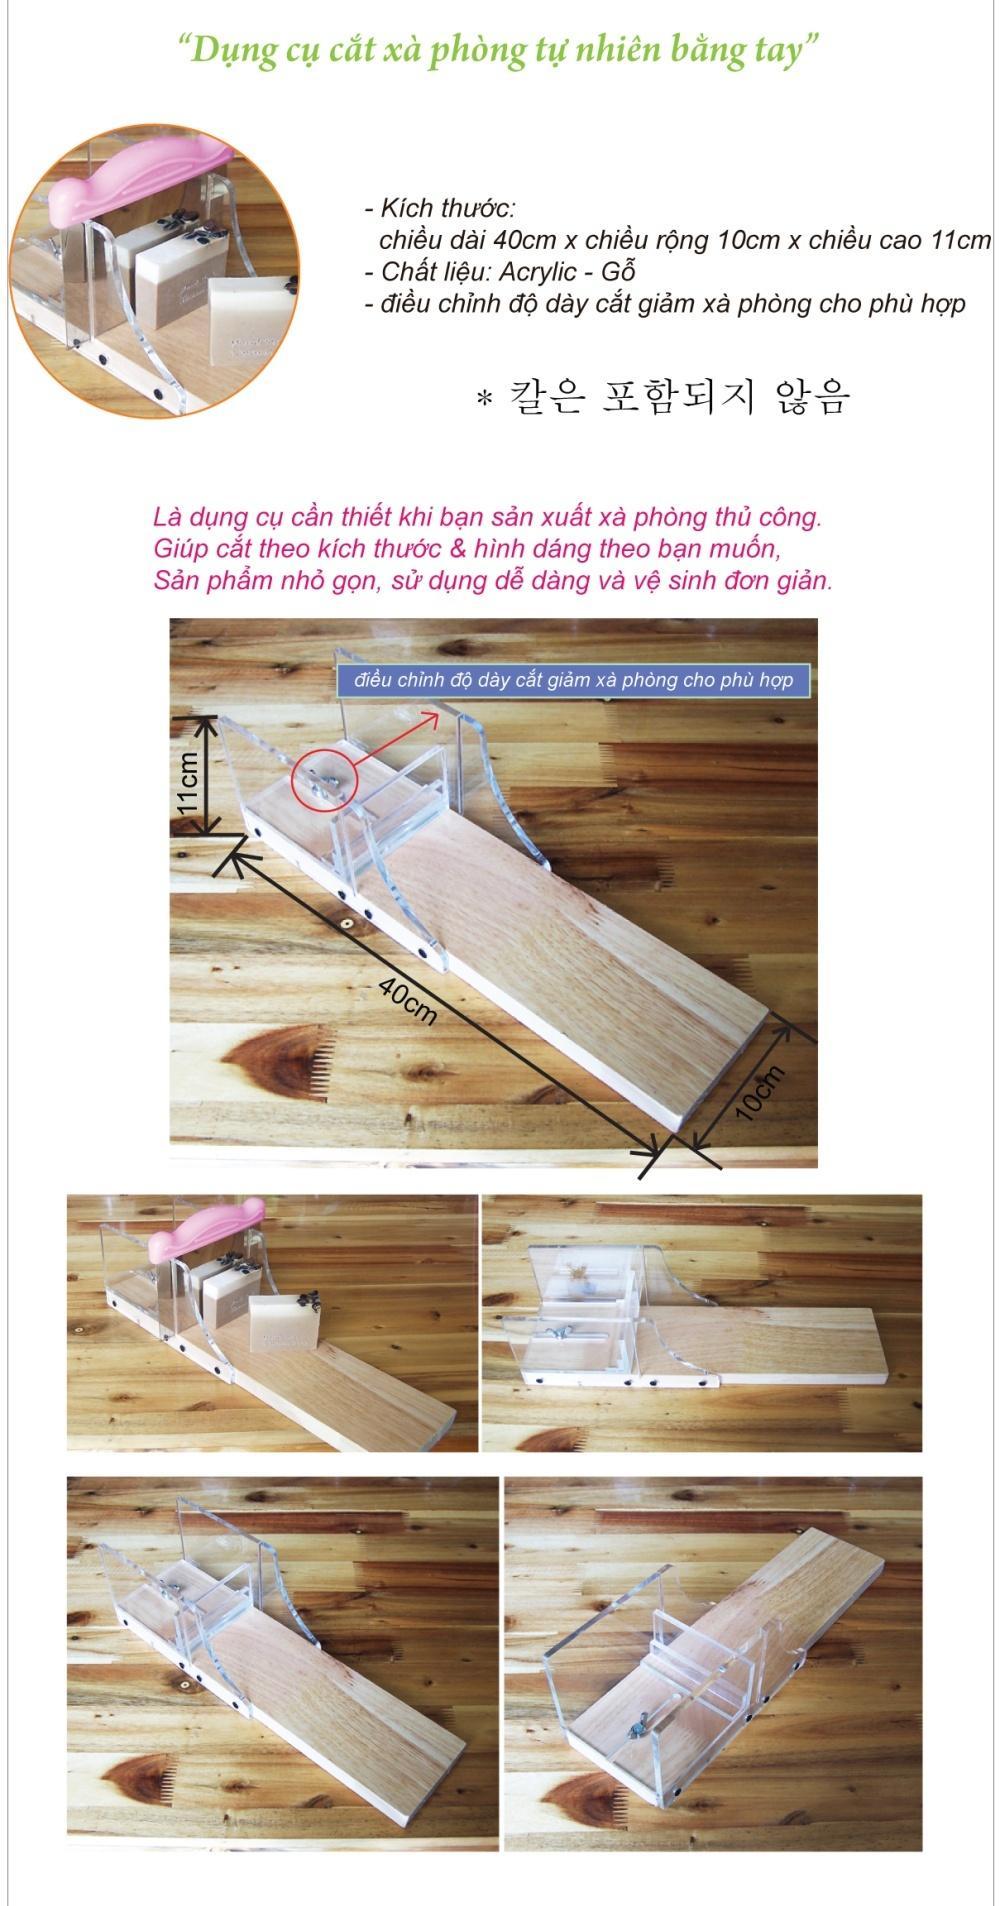 DUNG CU CAT SOAP.jpg